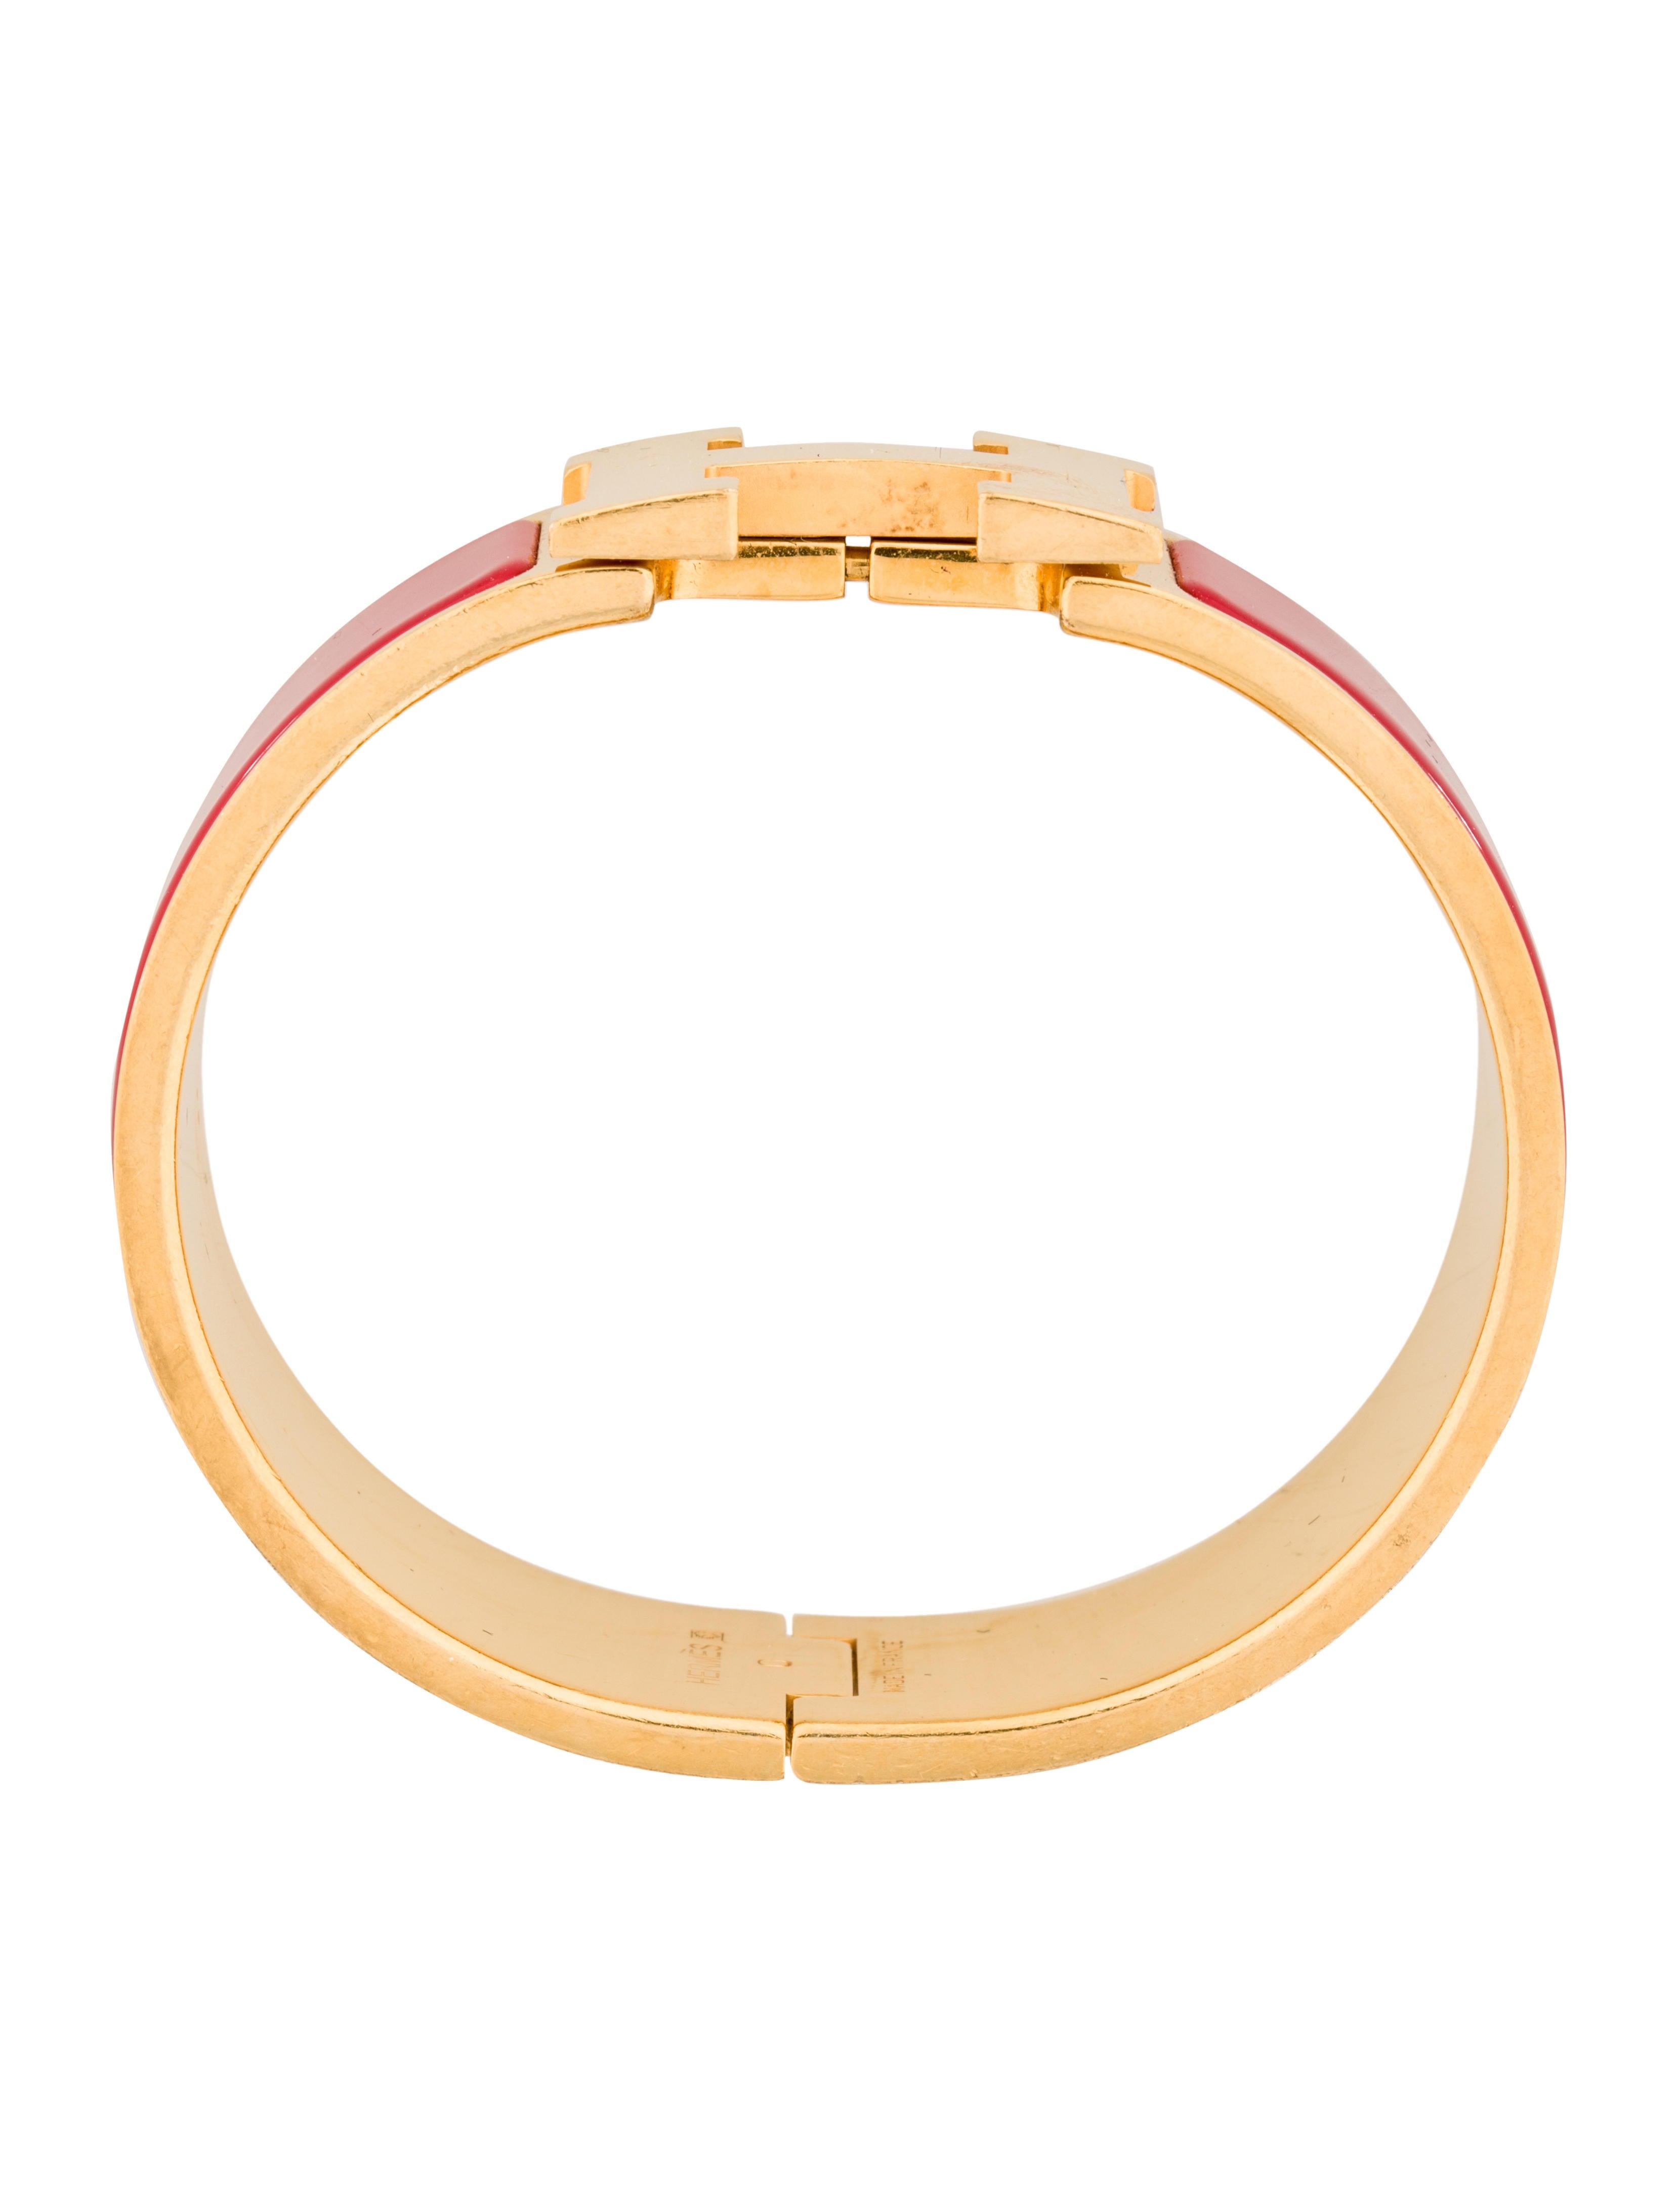 herm s clic clac h bracelet bracelets her111282 the. Black Bedroom Furniture Sets. Home Design Ideas